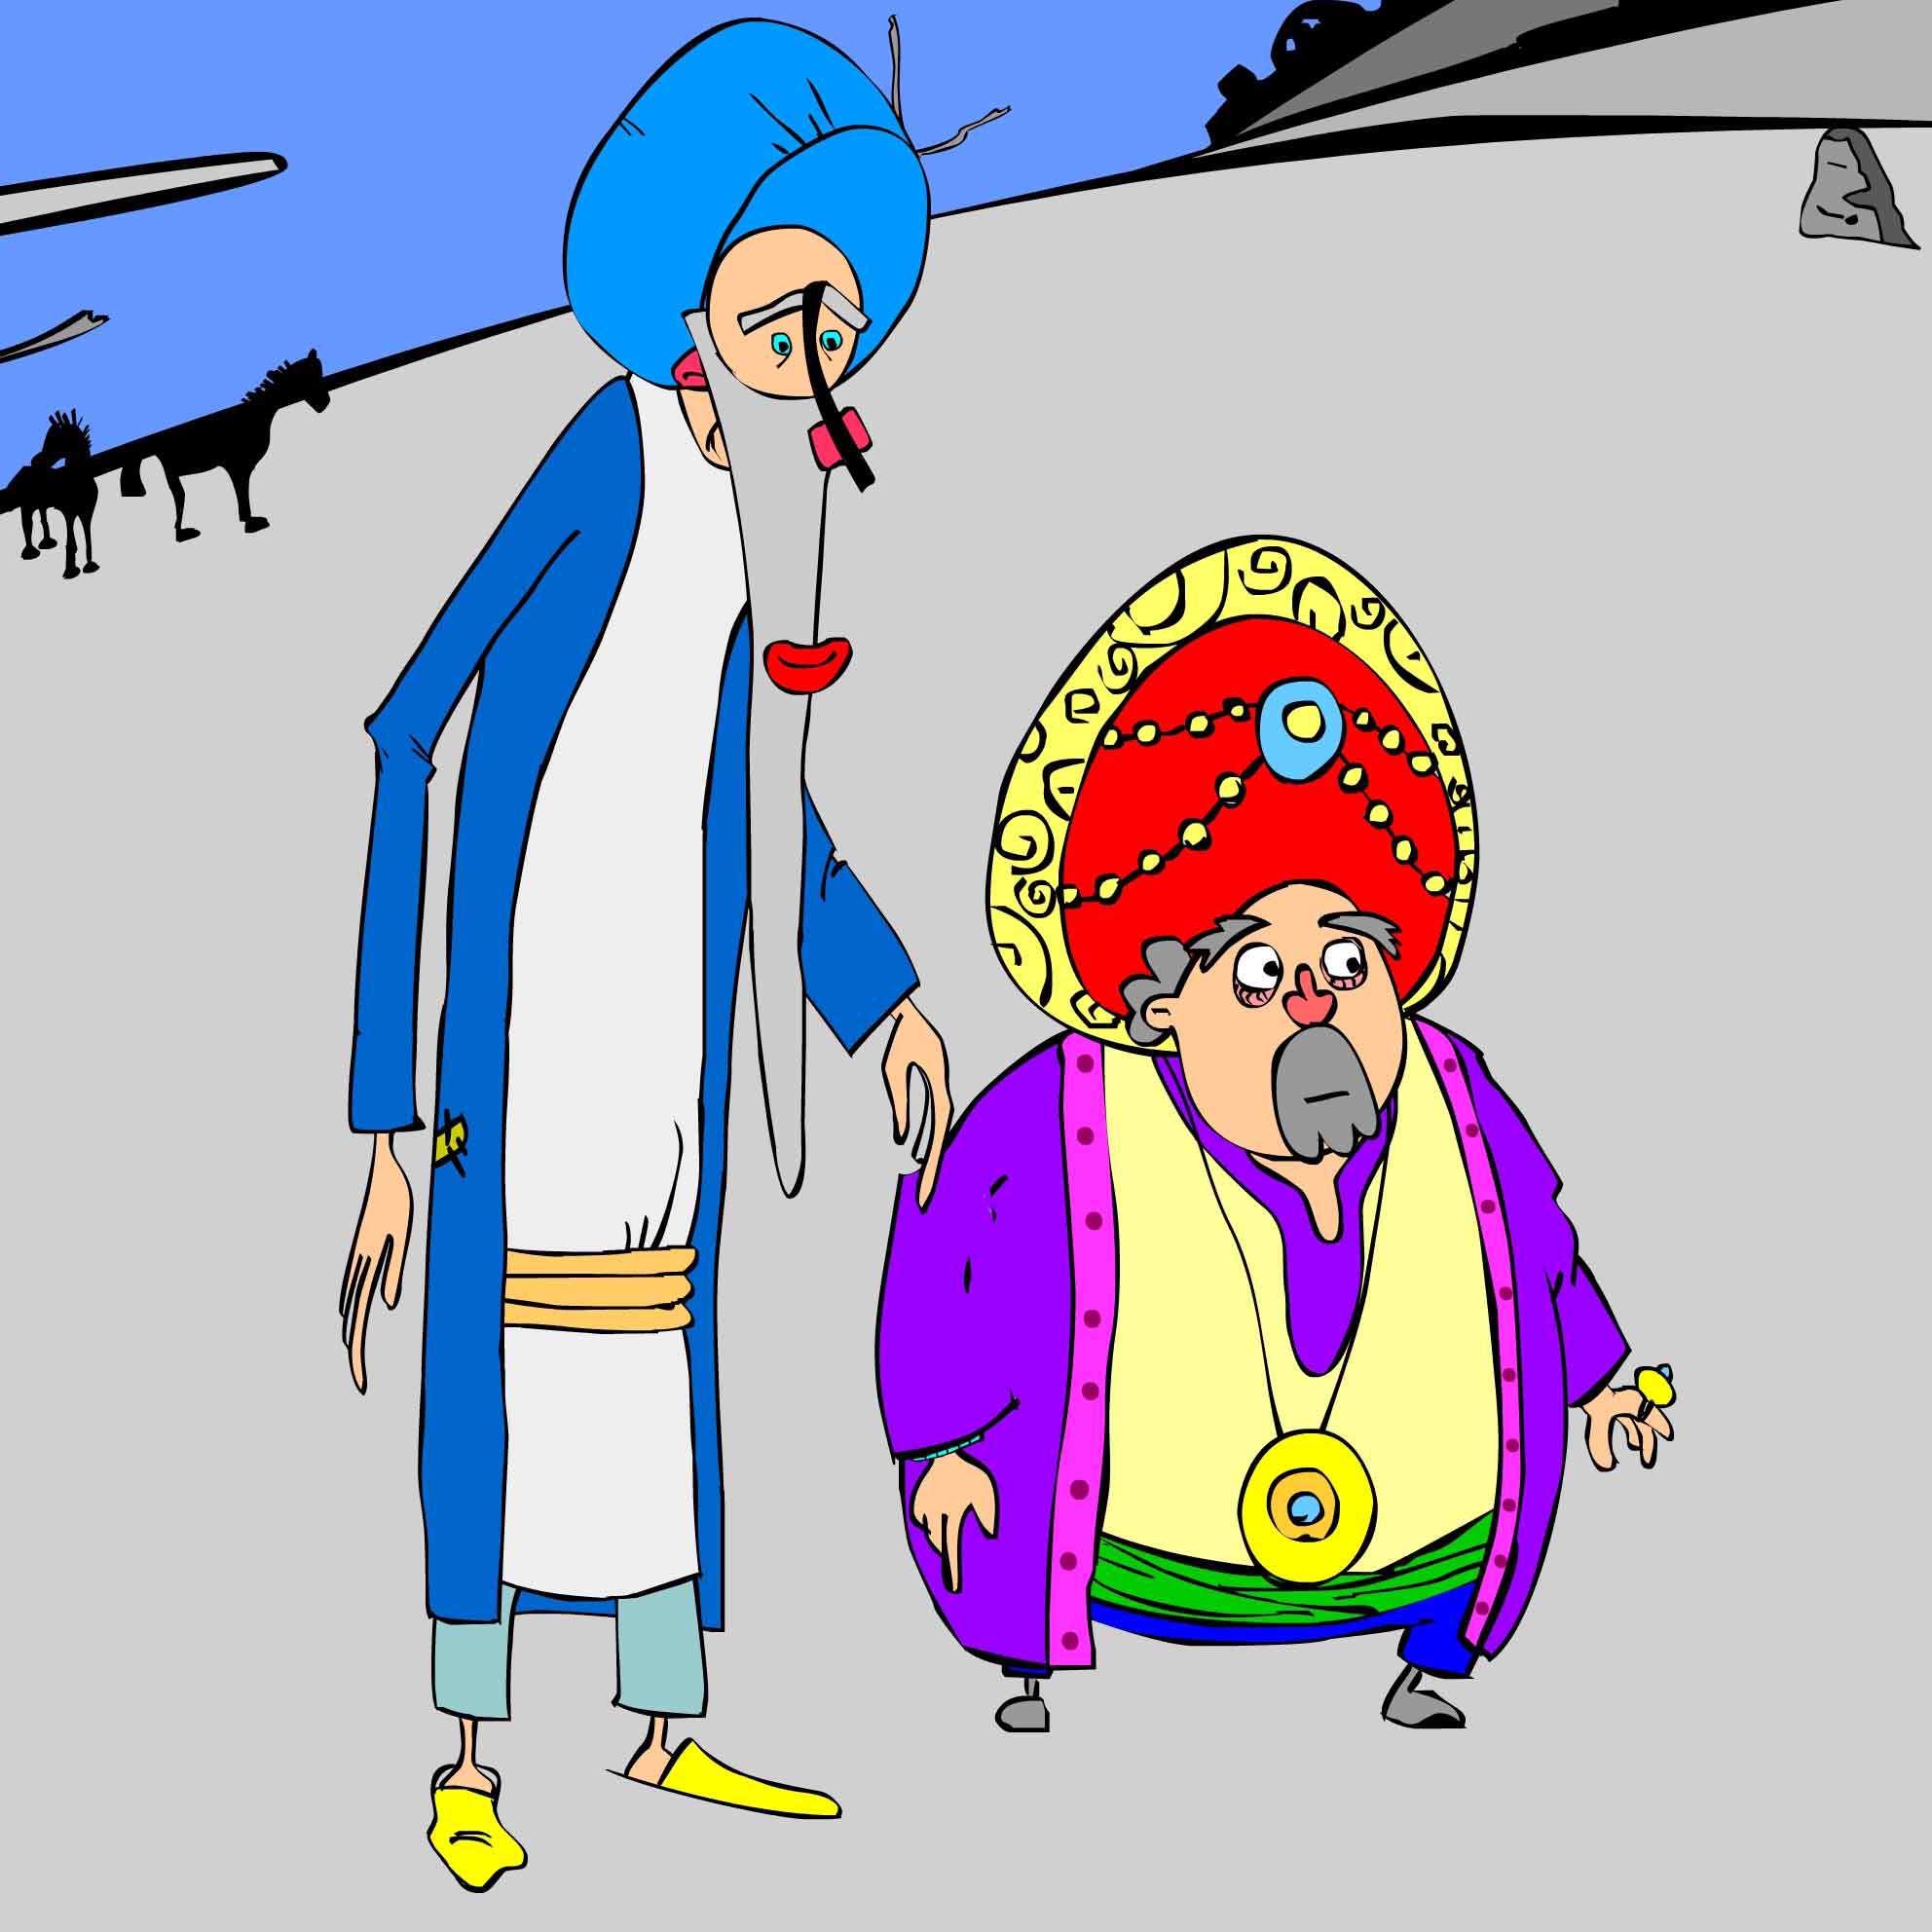 داستان مصور بهلول وخرقه و نان جو، سرکه